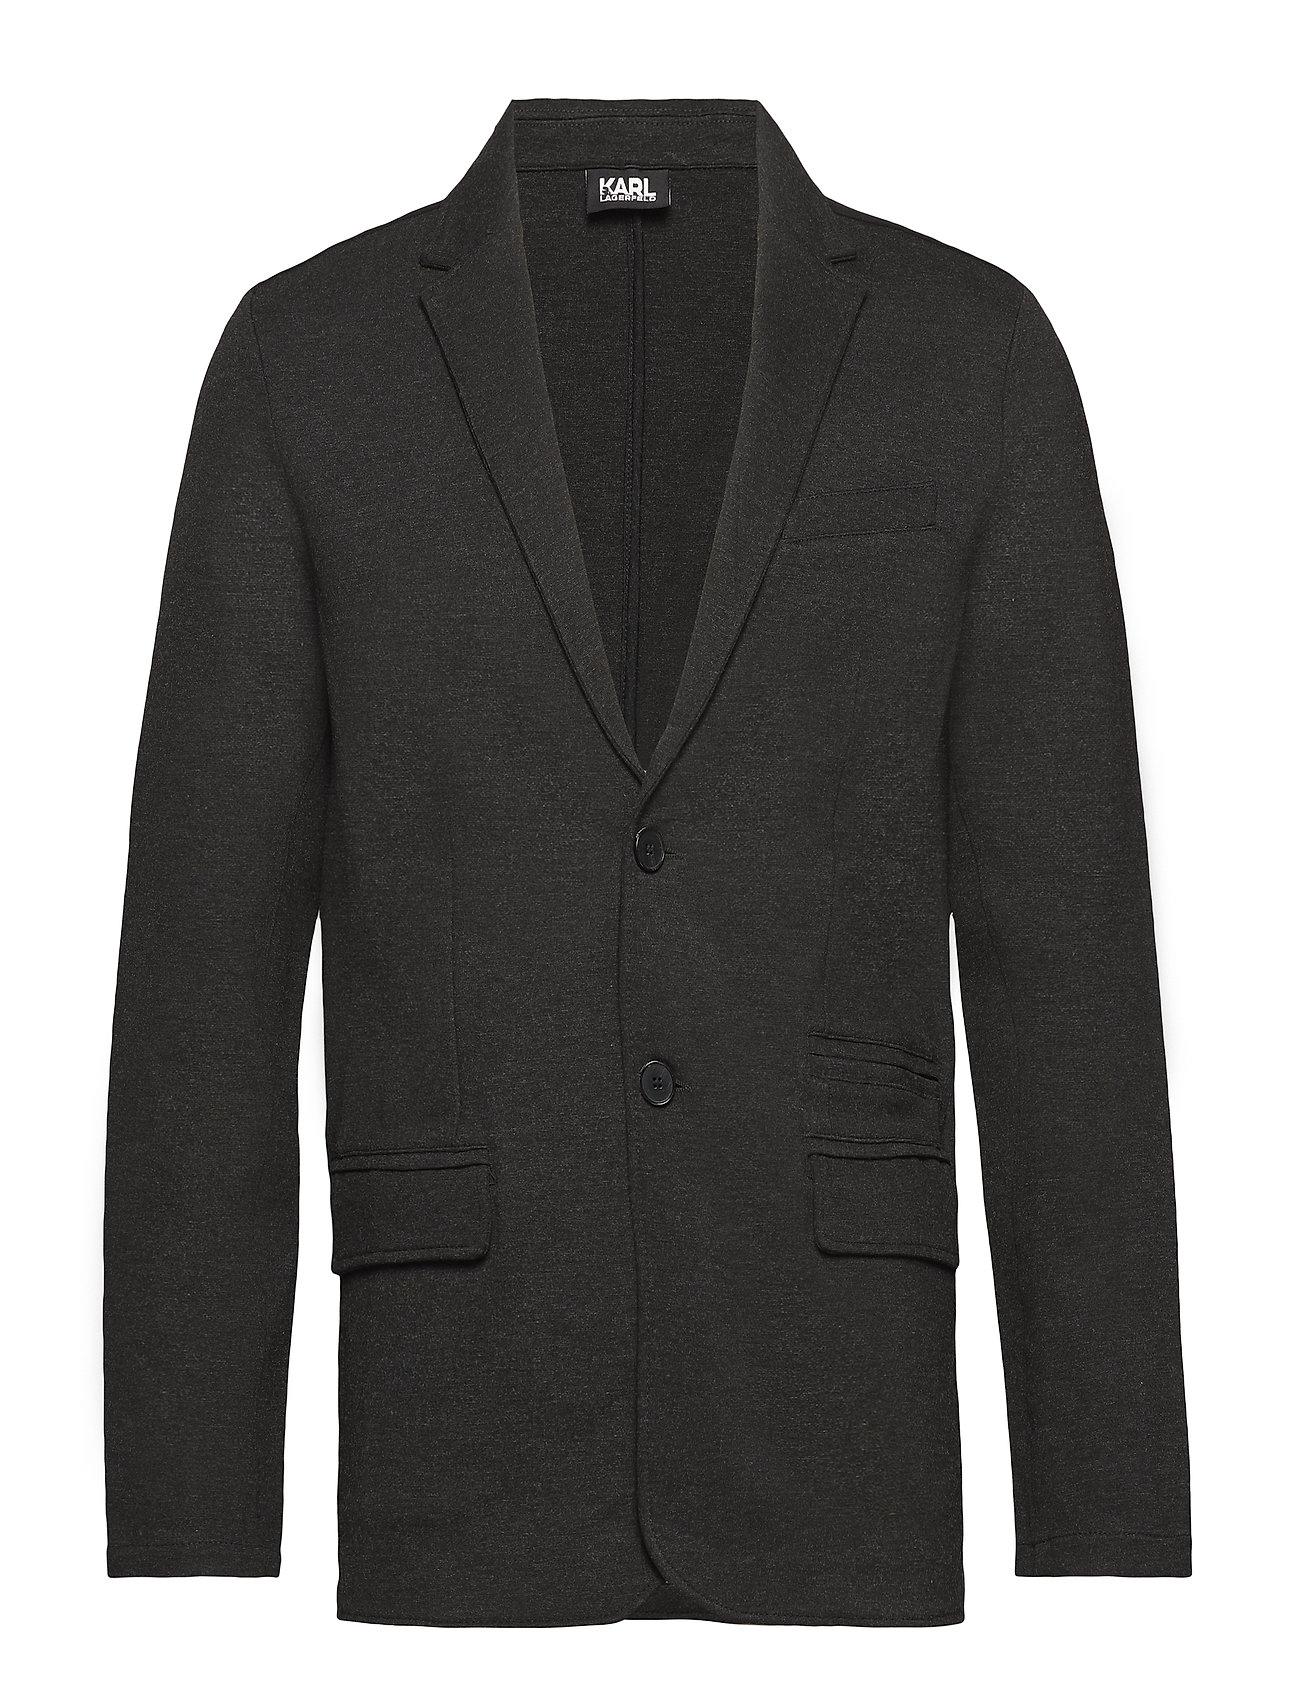 Image of Jacket (3079228679)